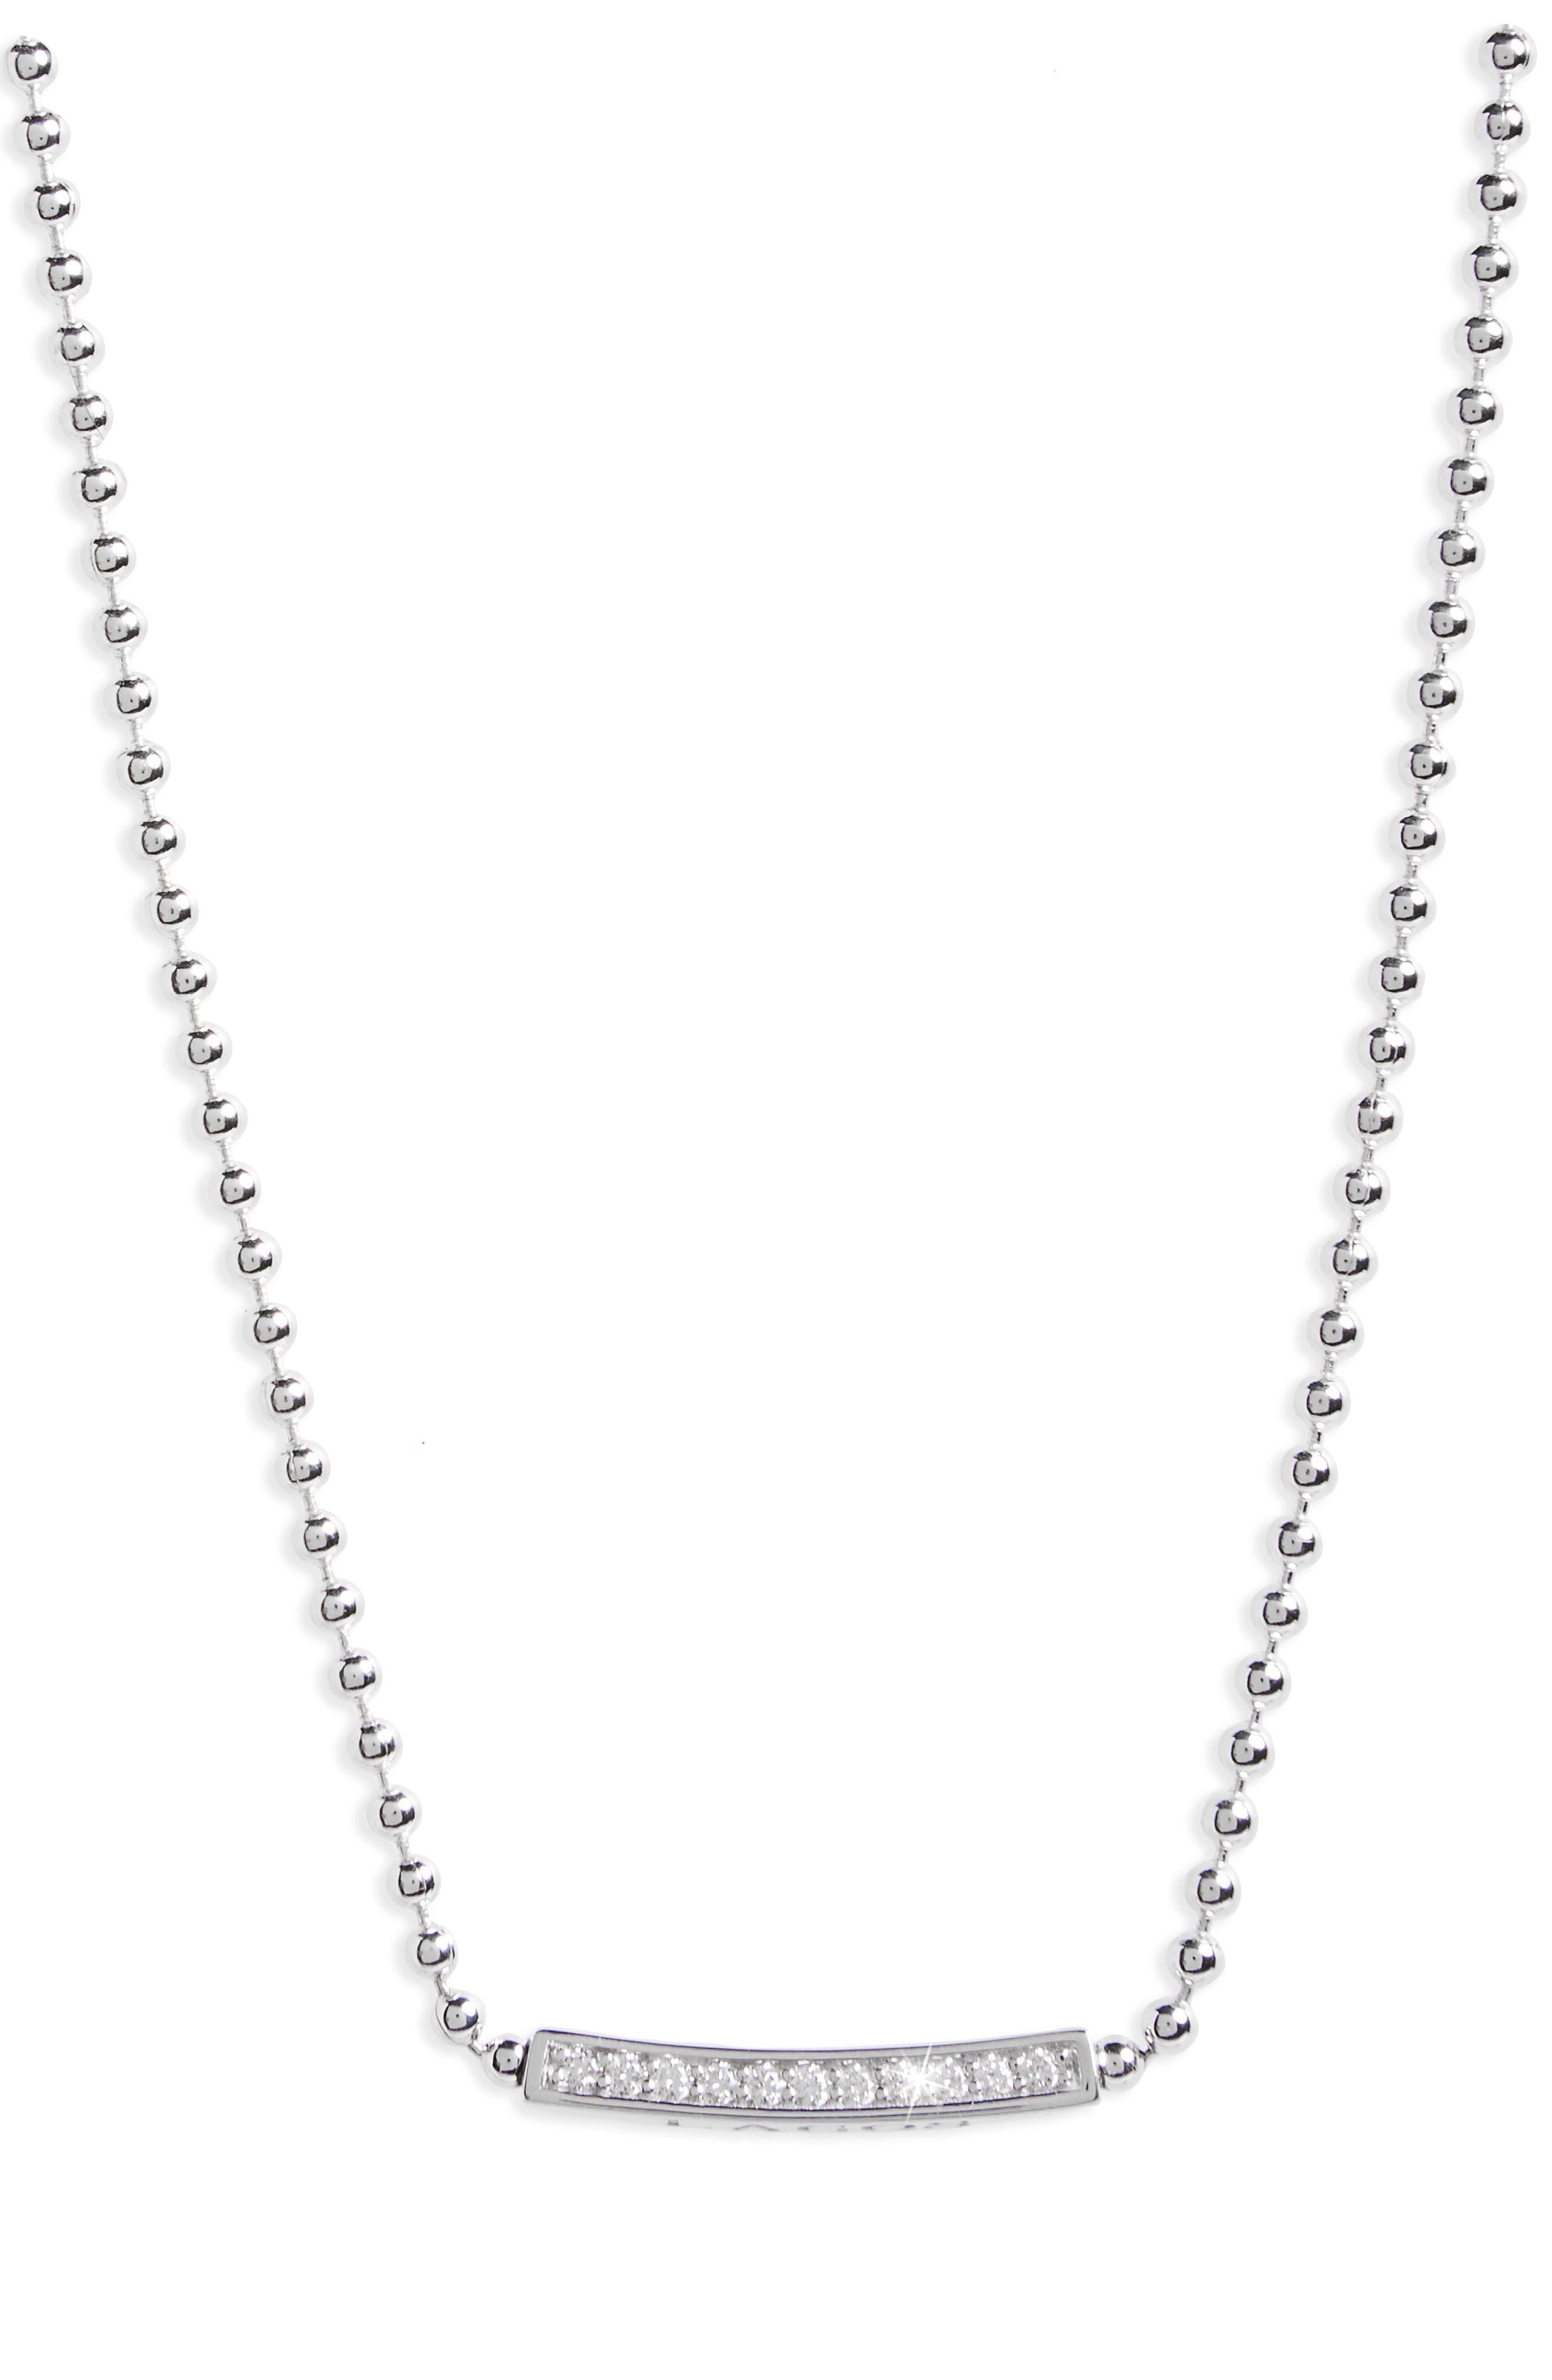 Caviar Spark Diamond Pendant Necklace,                         Main,                         color, SILVER/ DIAMOND